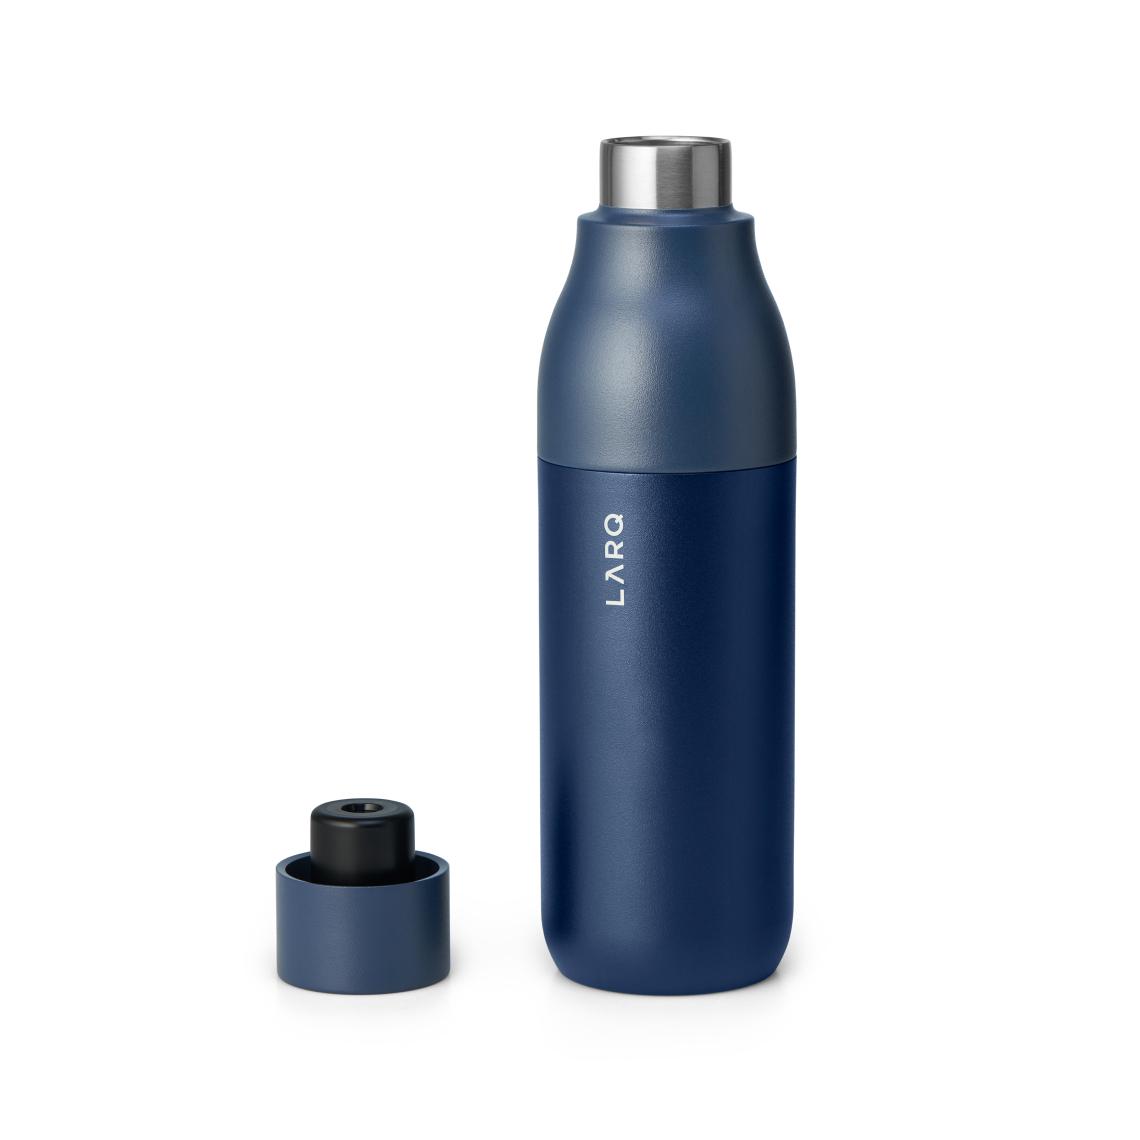 LARQ Bottle PureVis - Monaco Blue